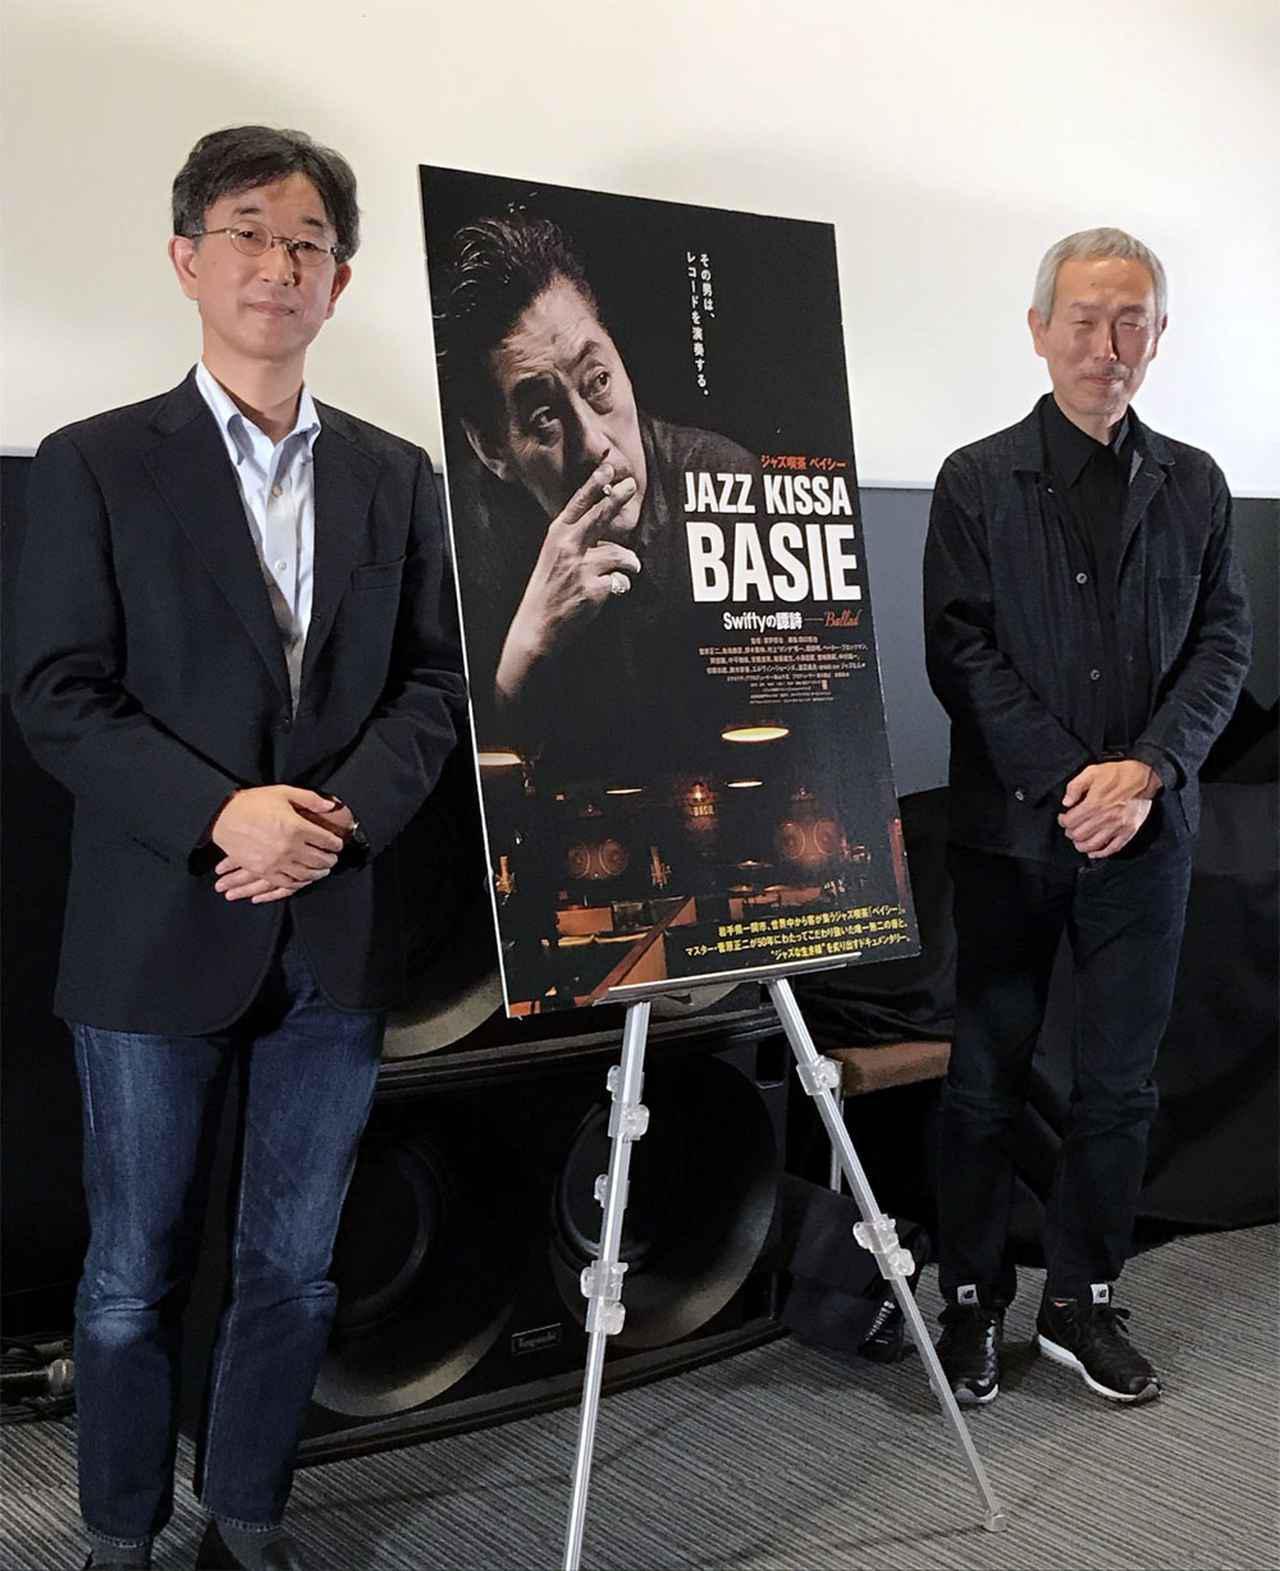 画像: 写真左がオーディオ評論家の小野寺弘滋さん、ポスターを挟んで右がダイナミックオーディオ・オーディオアドバイザーの厚木繁伸さん。